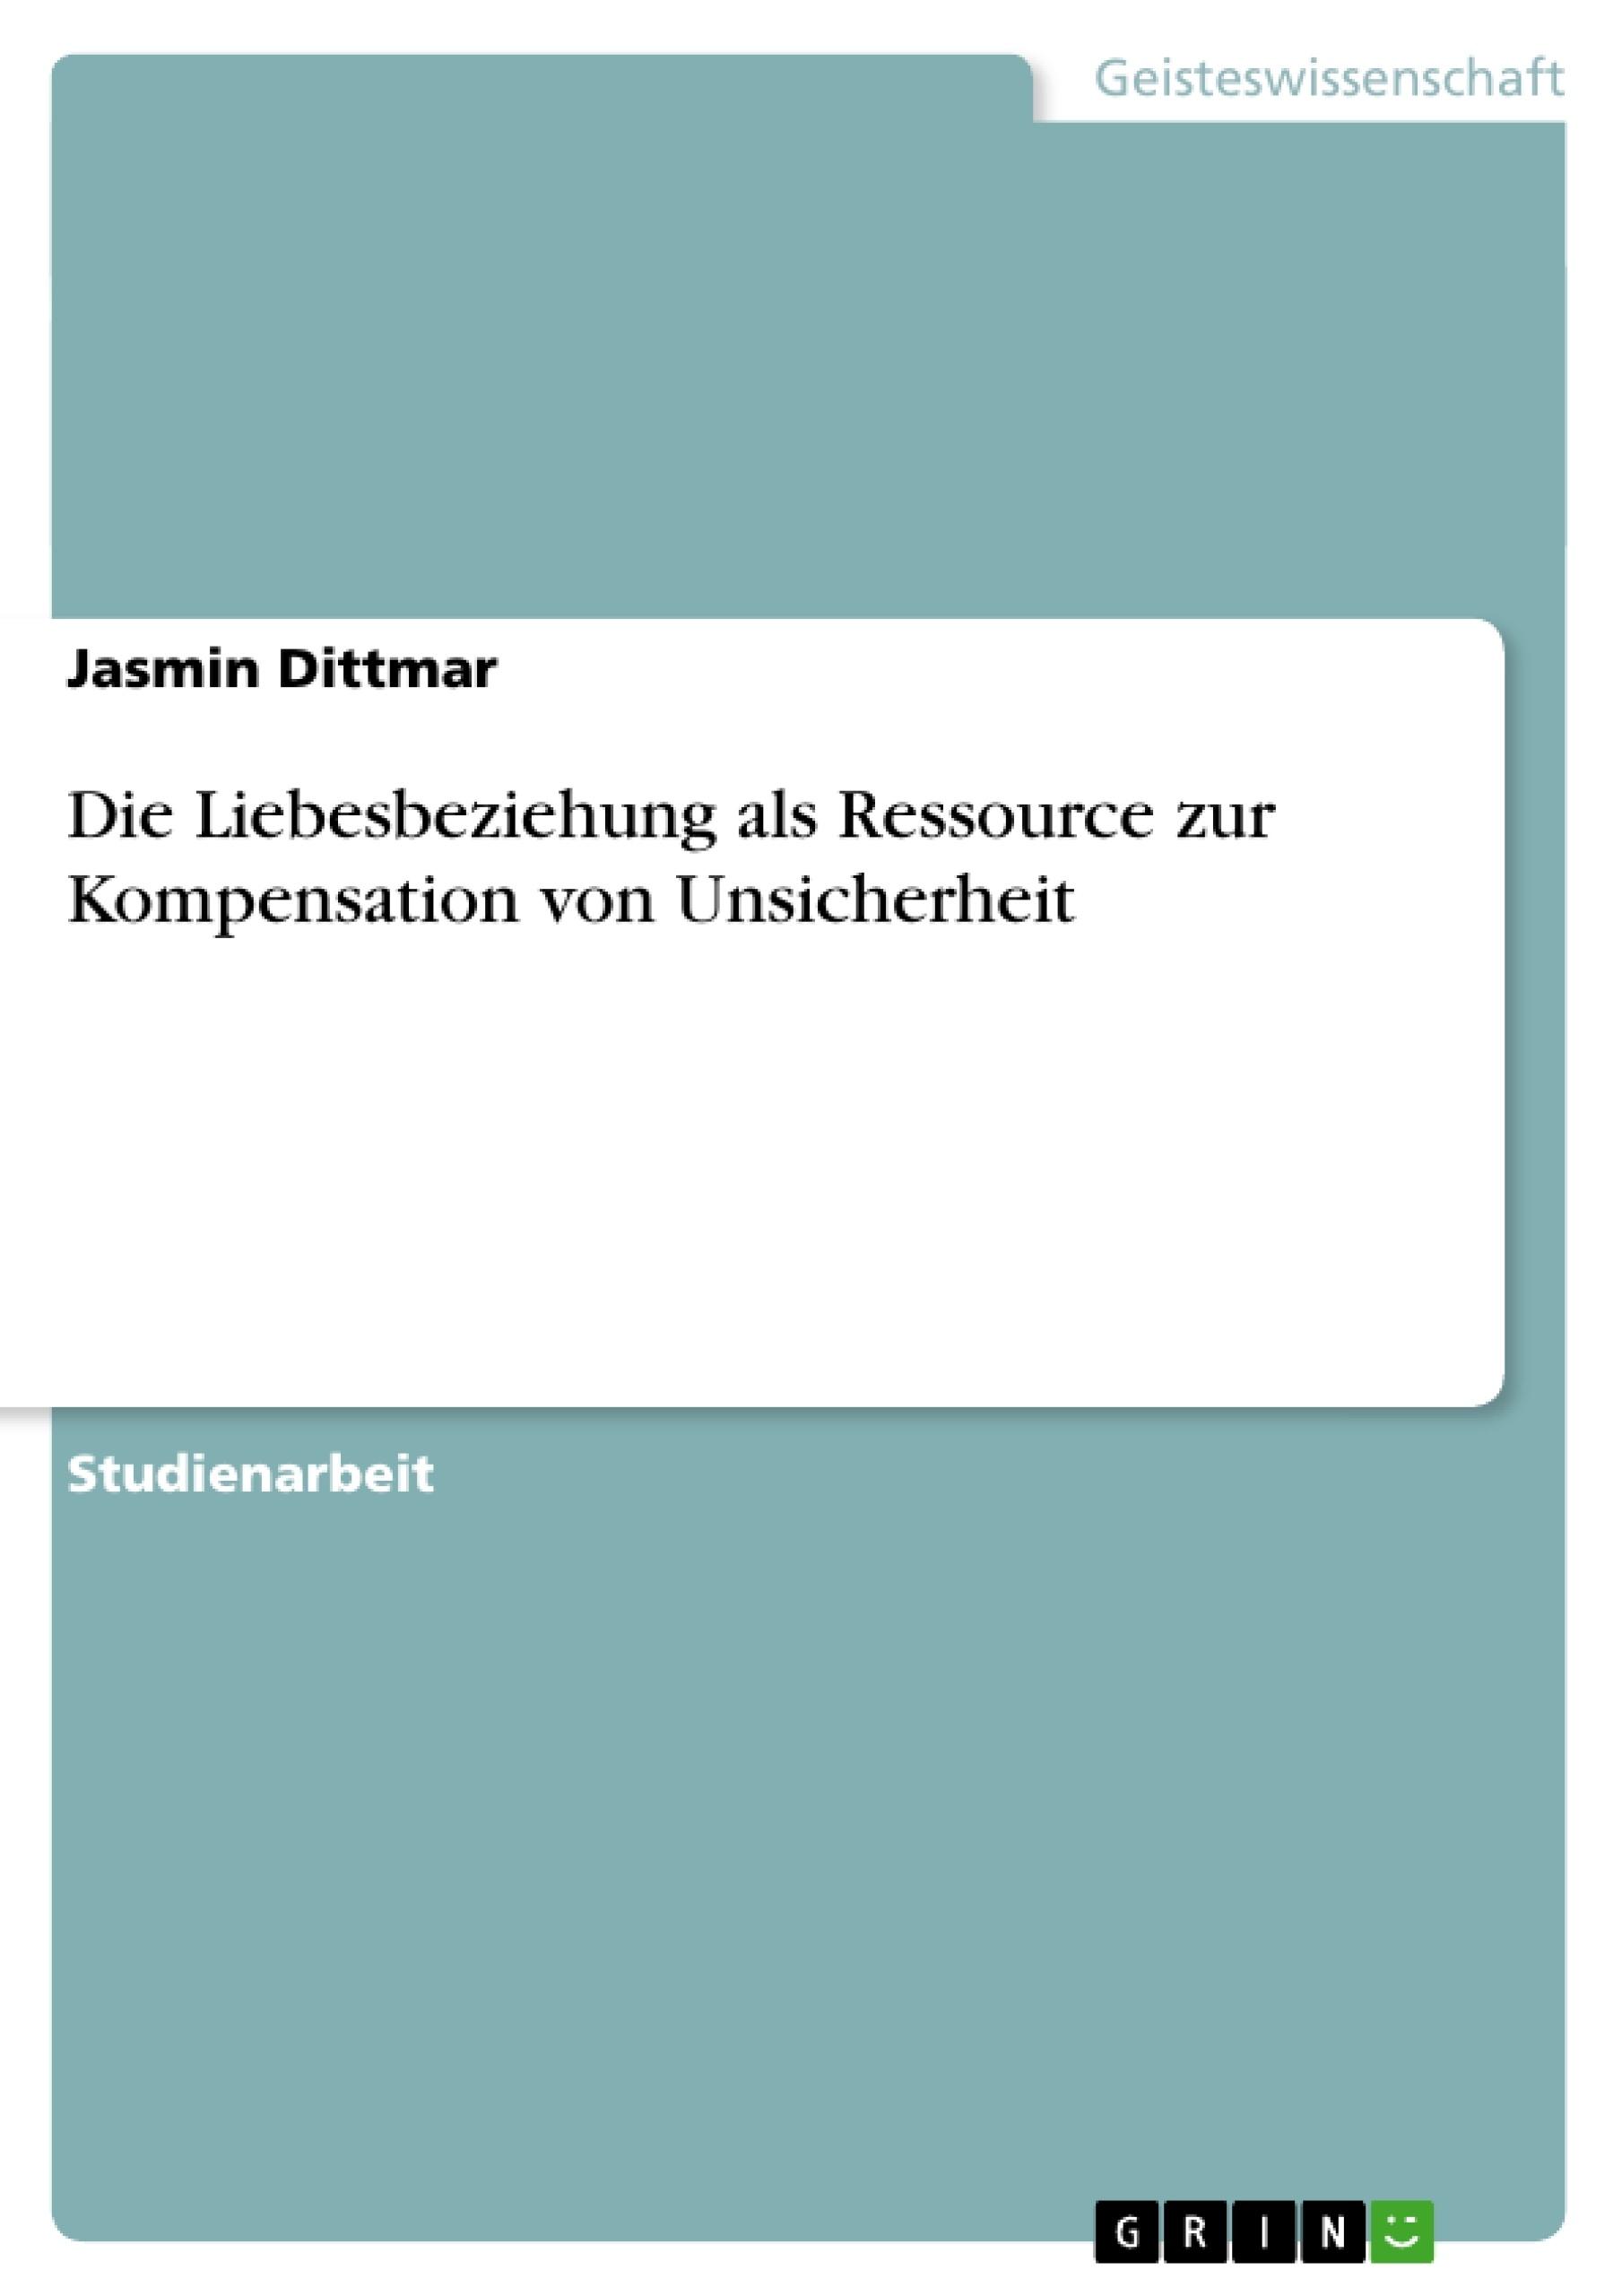 Titel: Die Liebesbeziehung als Ressource zur Kompensation von Unsicherheit